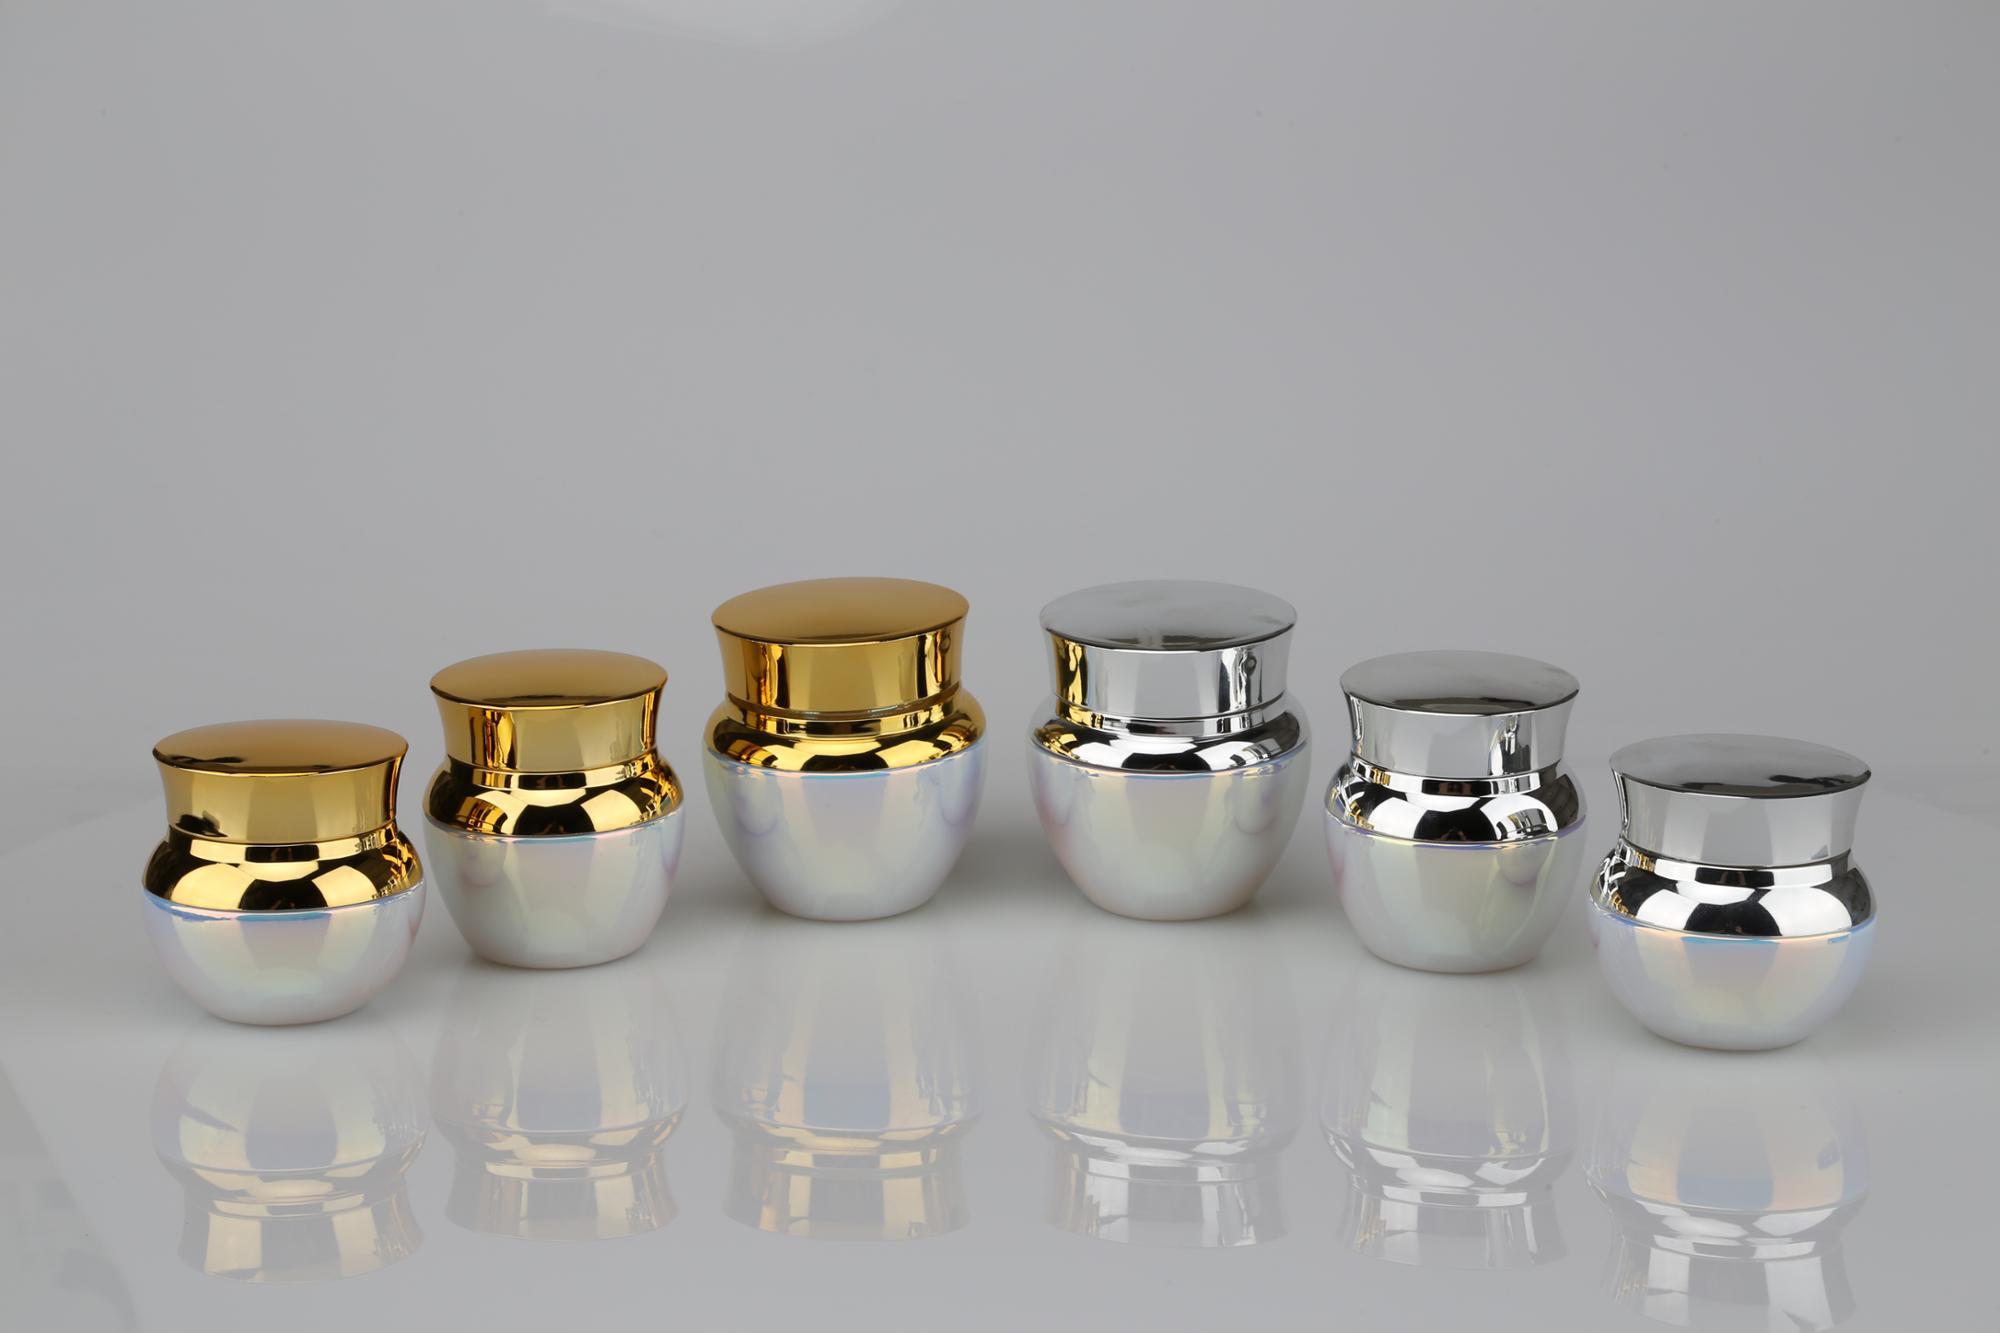 玻璃瓶电镀厂,玻璃瓶电镀加工厂,广州玻璃瓶电镀厂